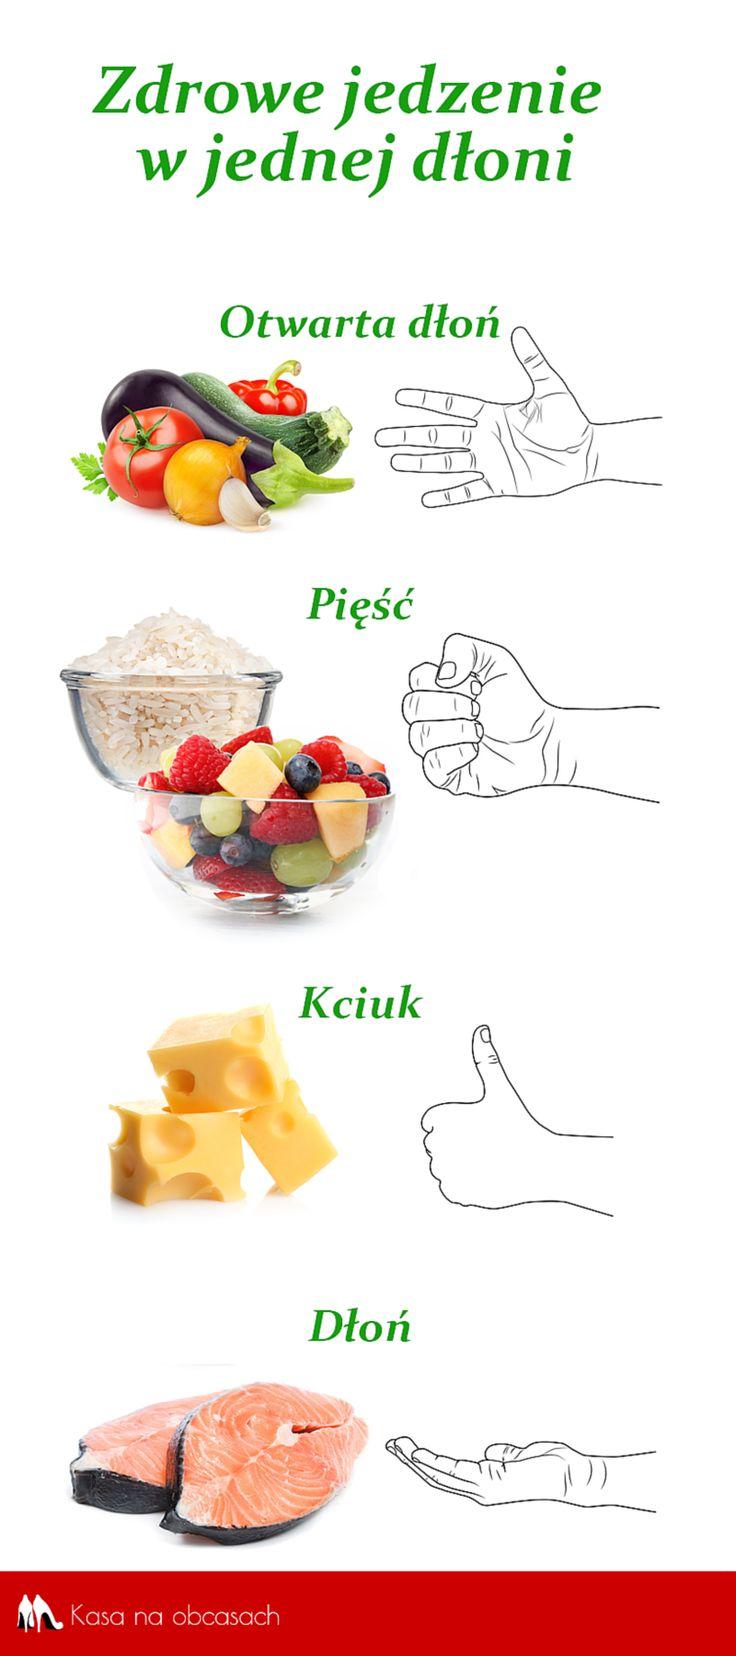 Proporcje jak na dłoni #fit #jedzenie #odżywianie #zdrowie #zdrowo